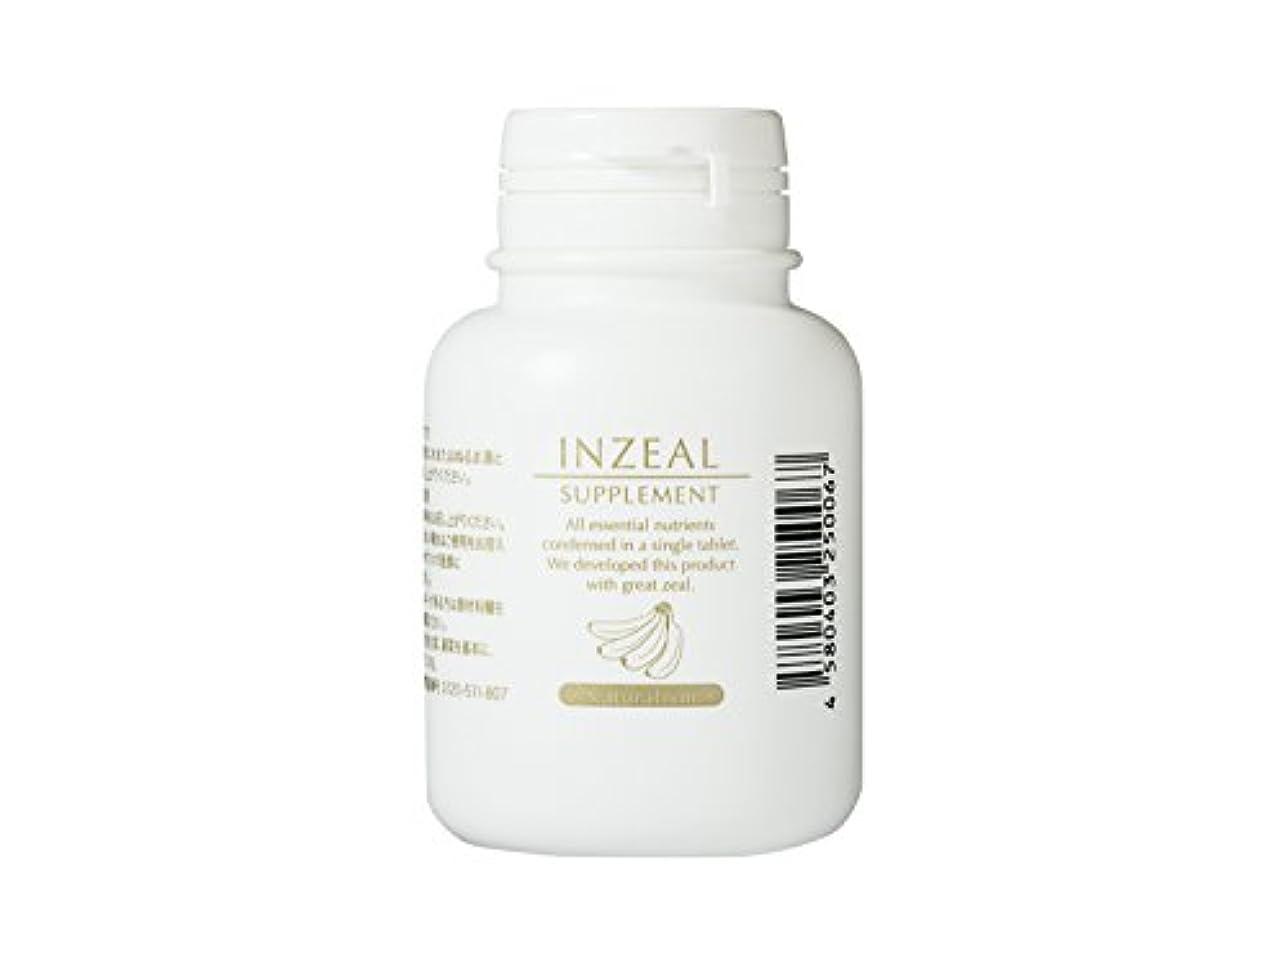 確立アレルギーサークルINZEAL サプリメント 90粒